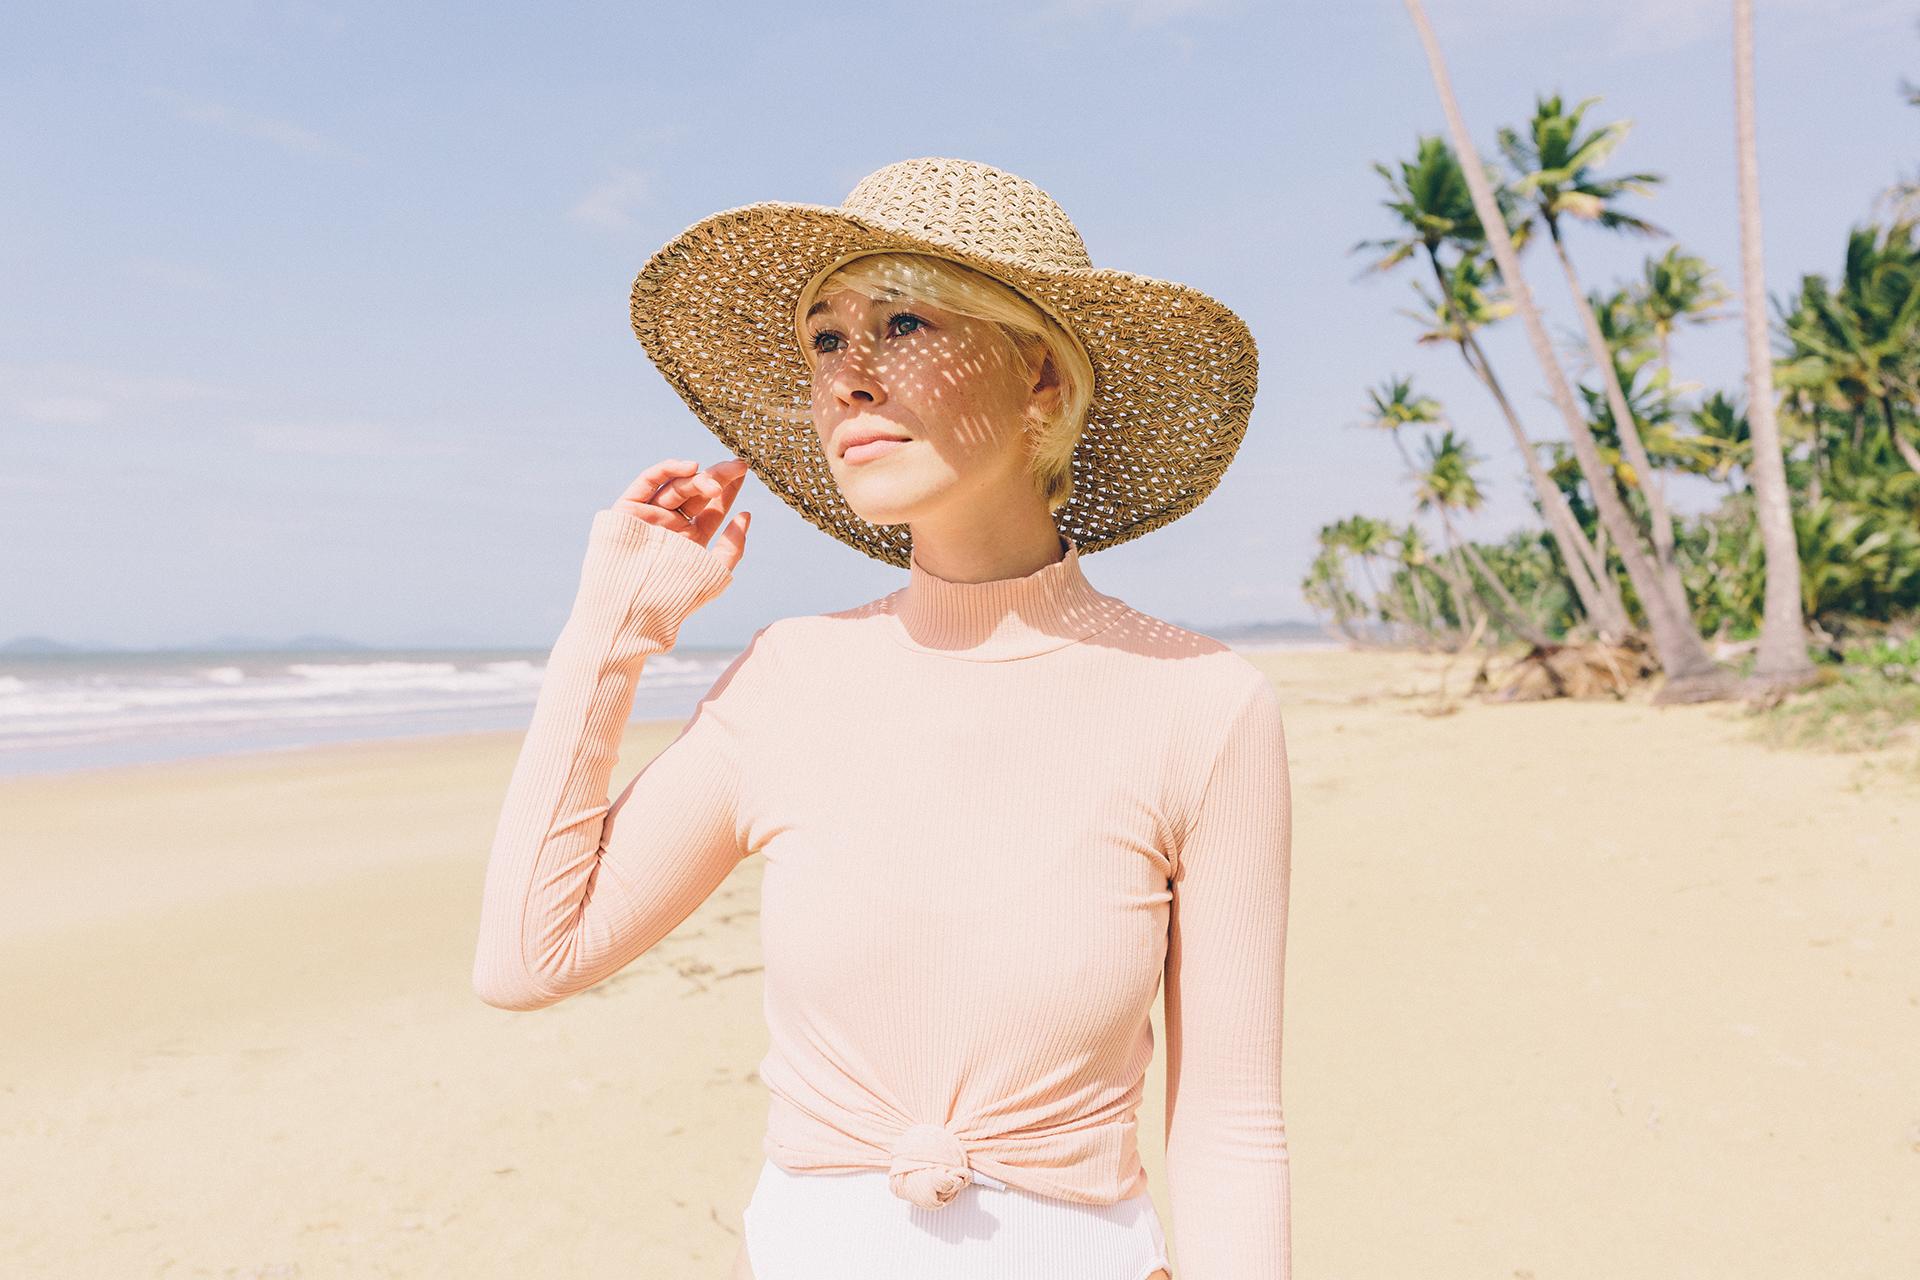 MelissaFindley-Adobe-Lightroom-Blog-19.jpg